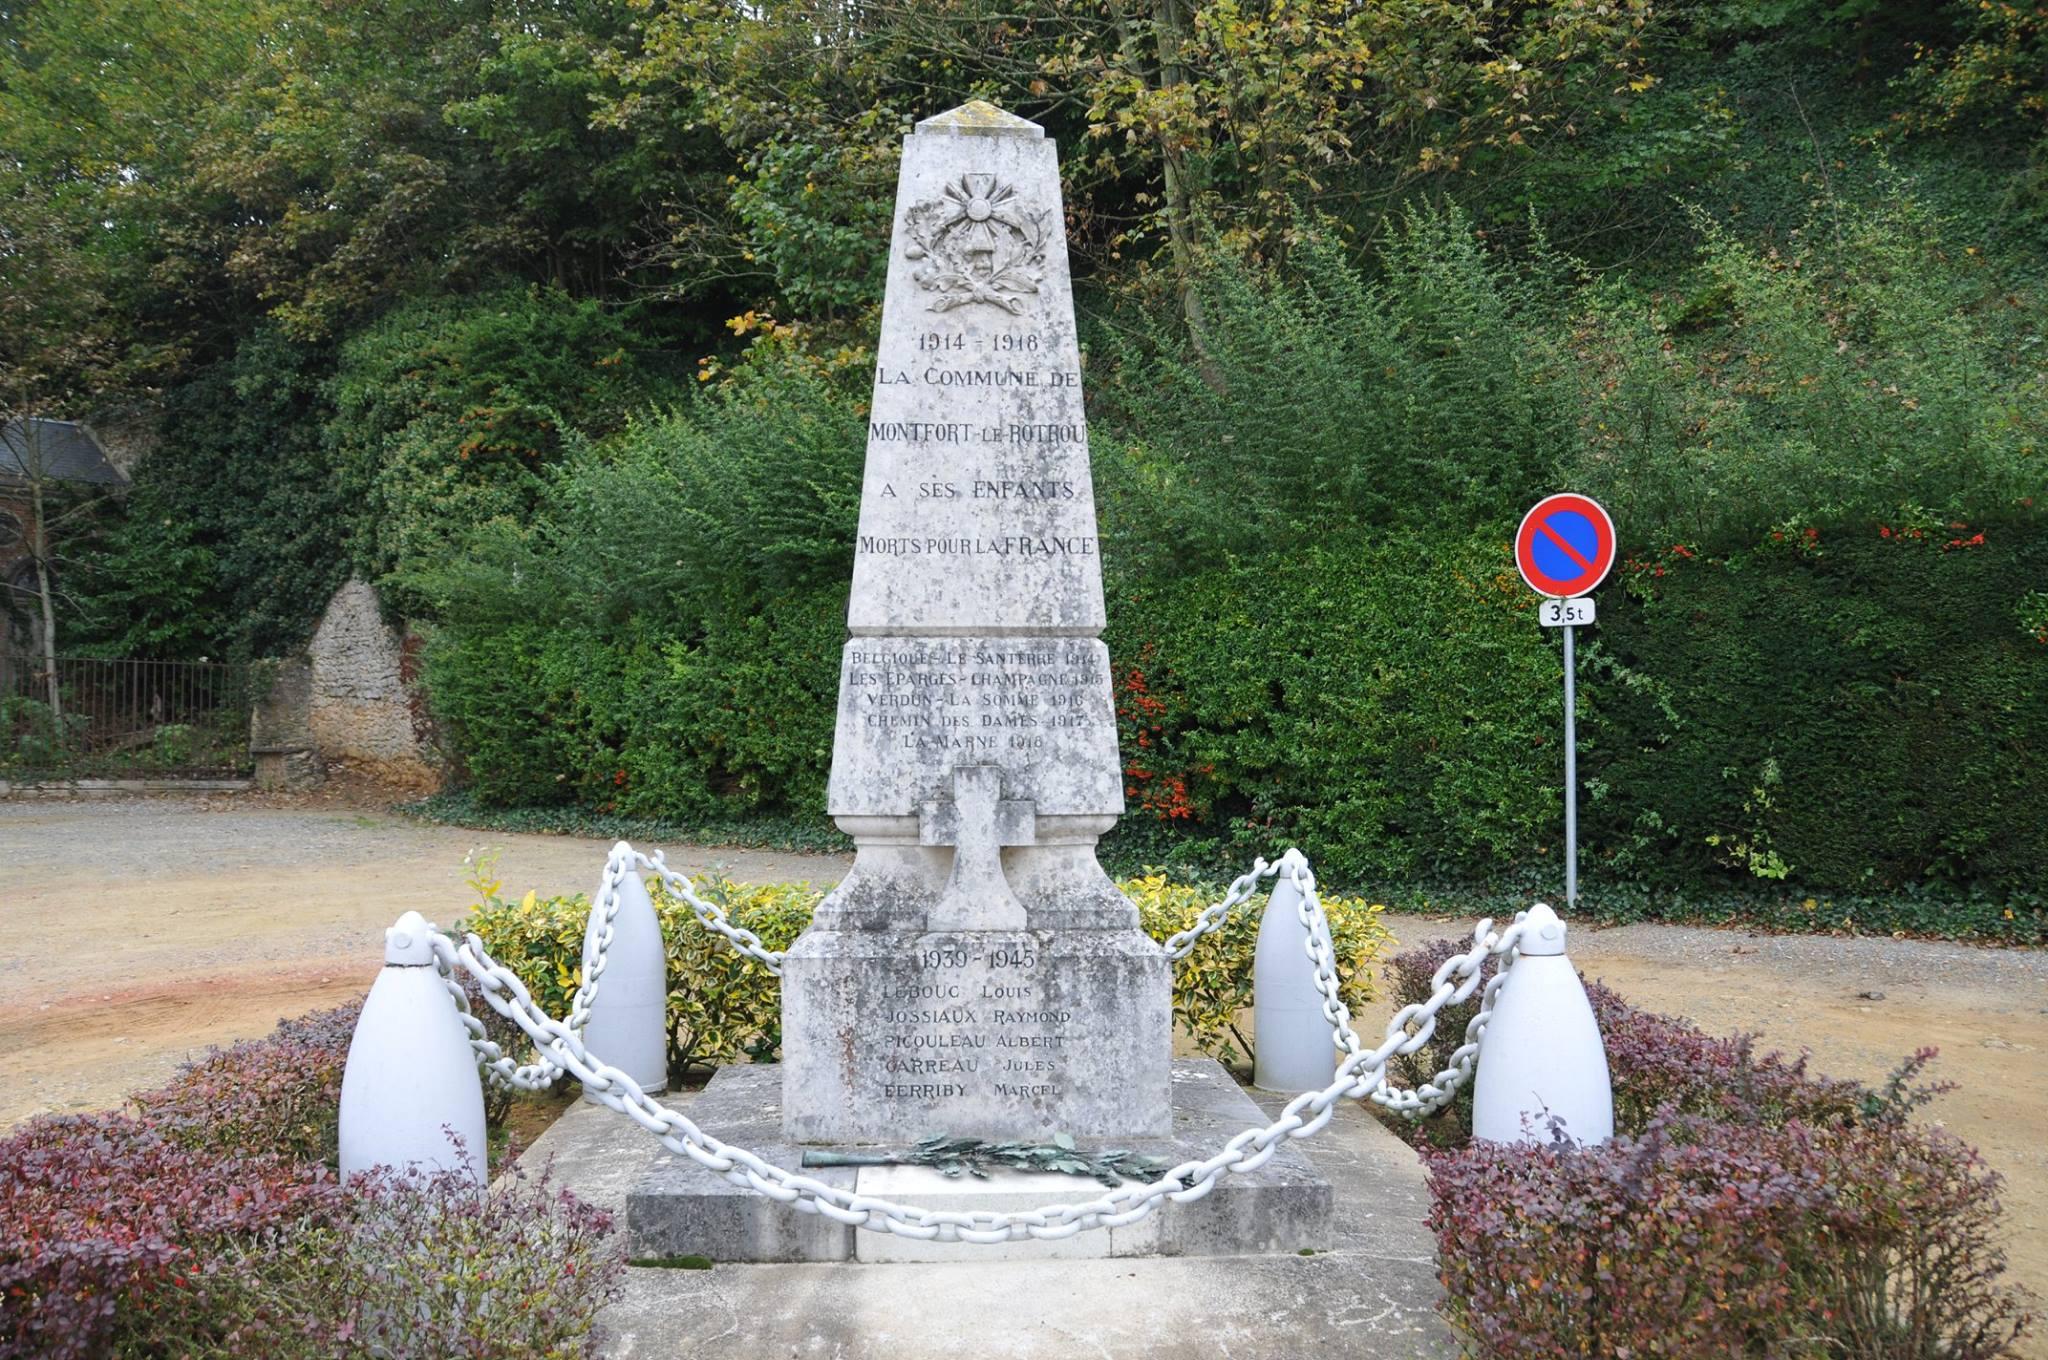 Montfort le Gesnois - Monfort le Rotrou jusqu'en 1985 - Monument commémoratif - La commune de Montfort le Rotrou à ses enfants morts pour la France 1914-1918 - Vue 01 (Romain Christopher Guillaume Lépine)